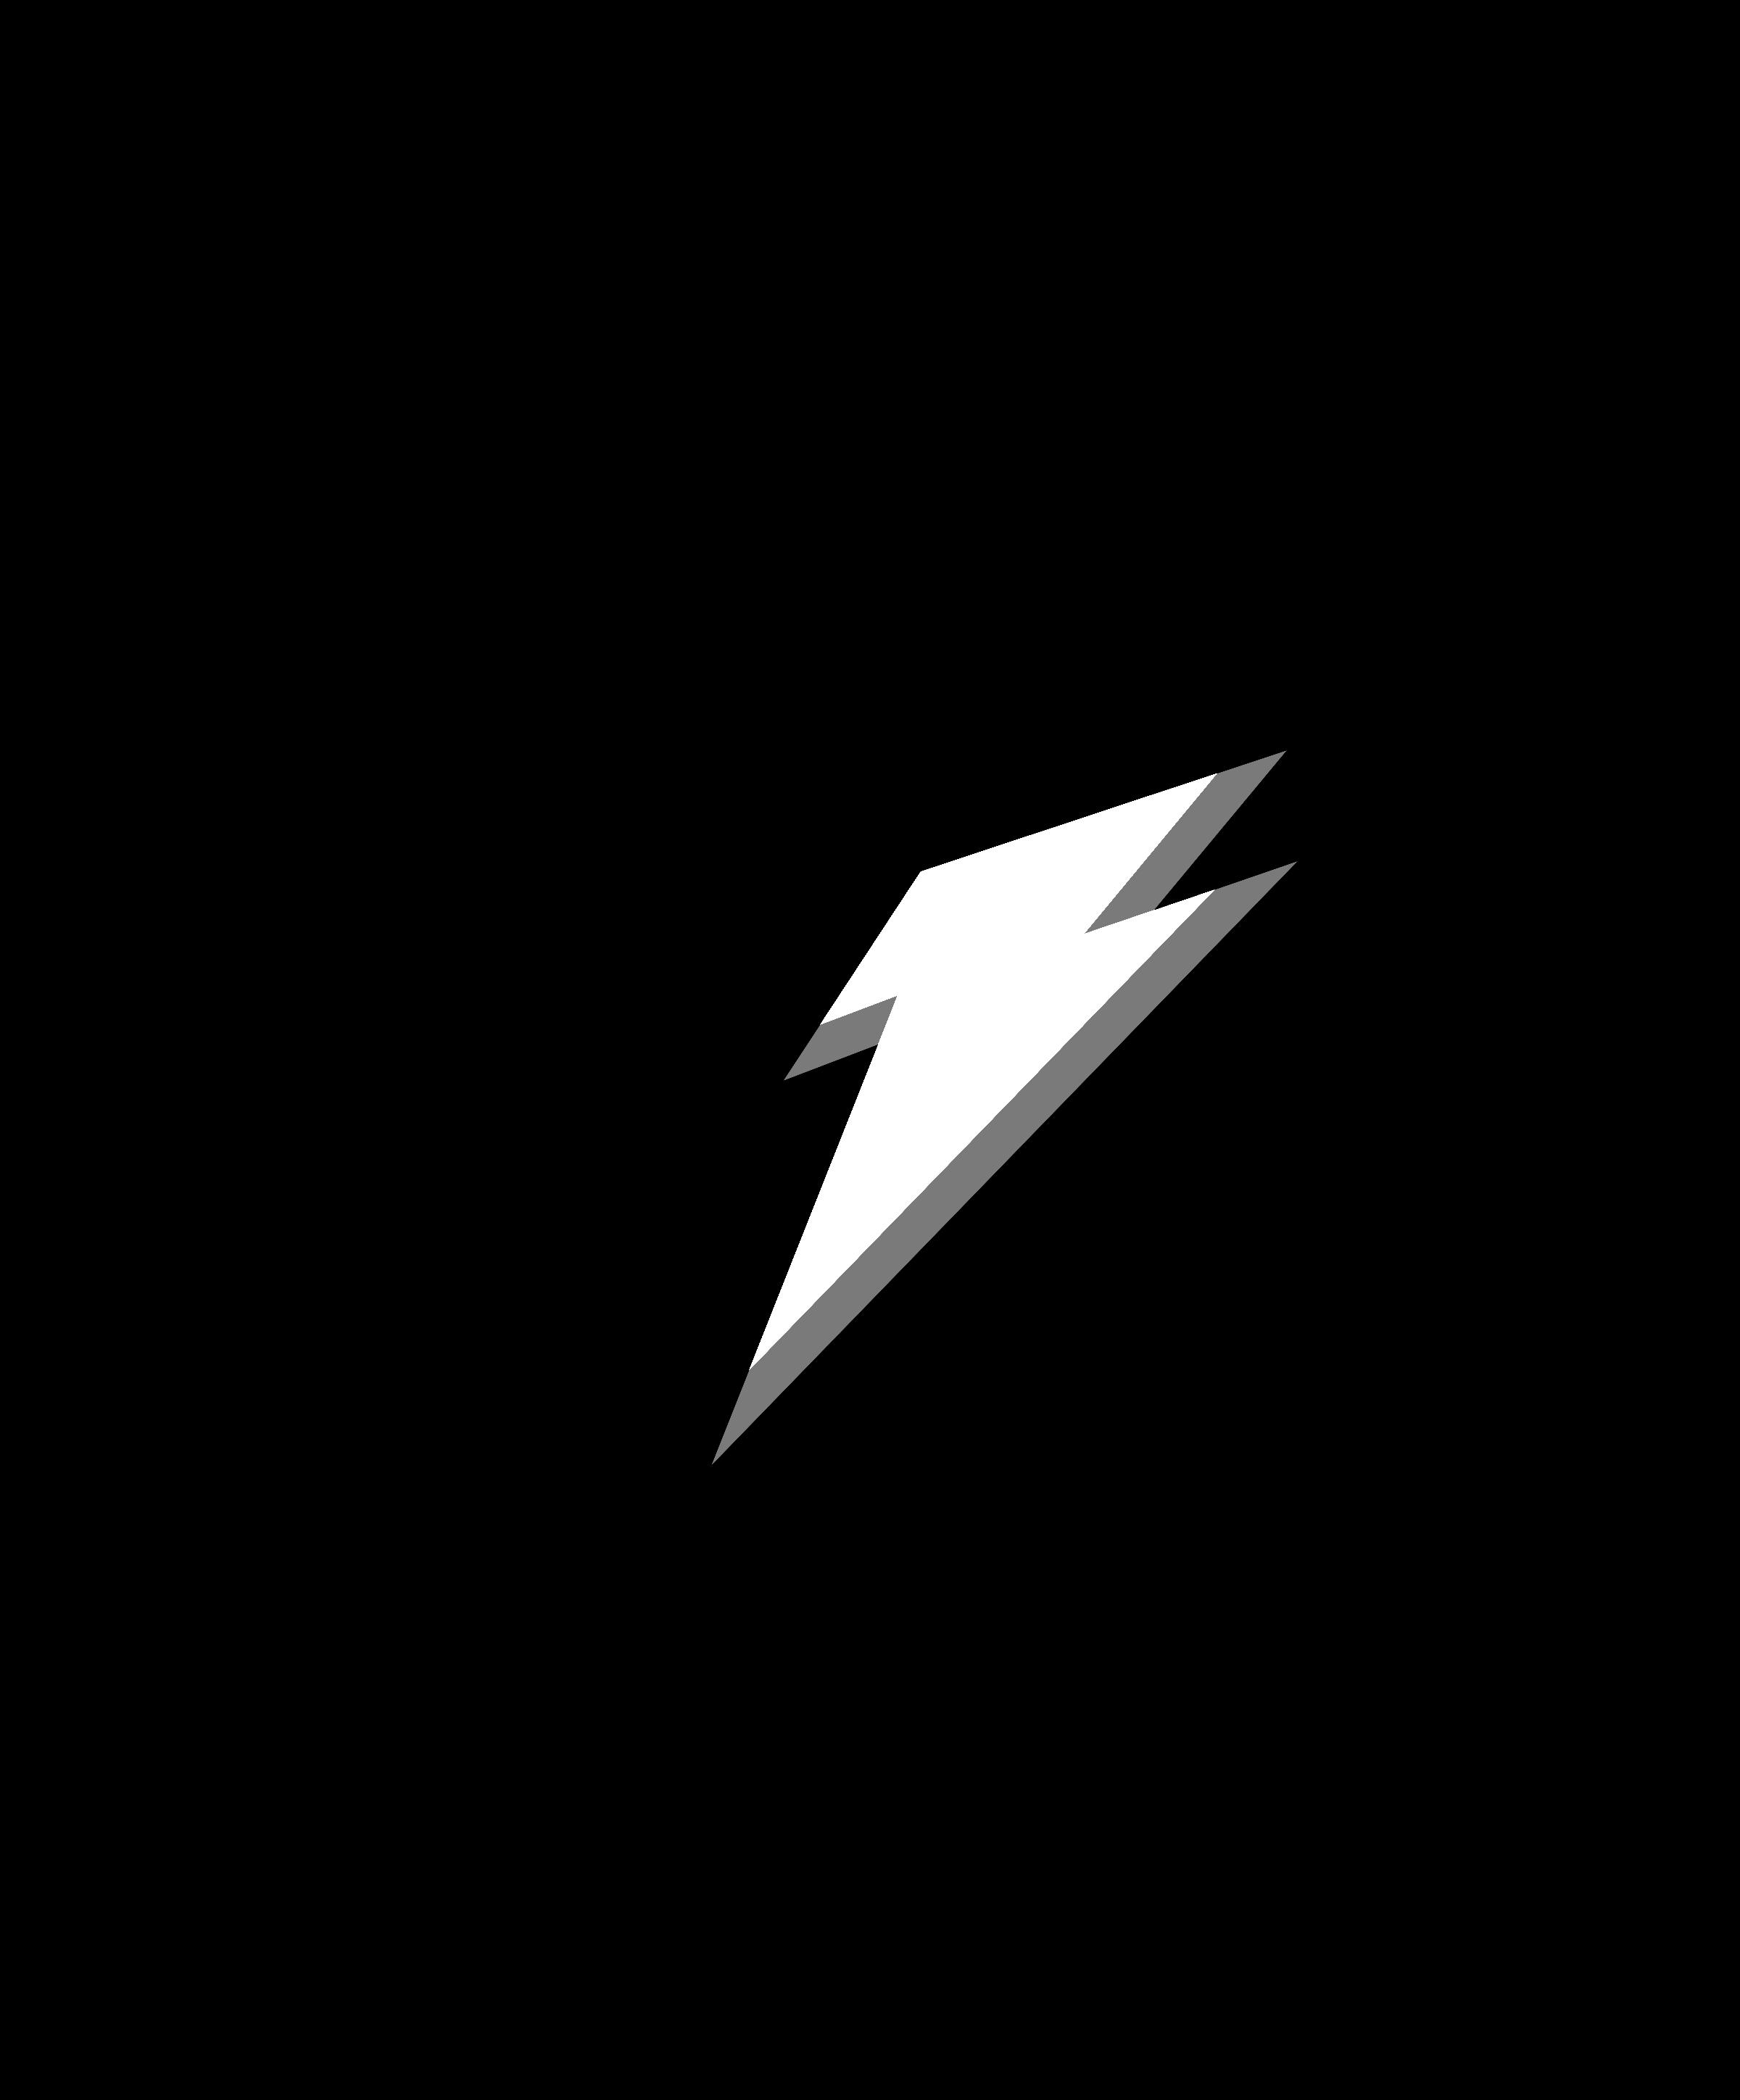 gatorade-logo-black-and-white.png